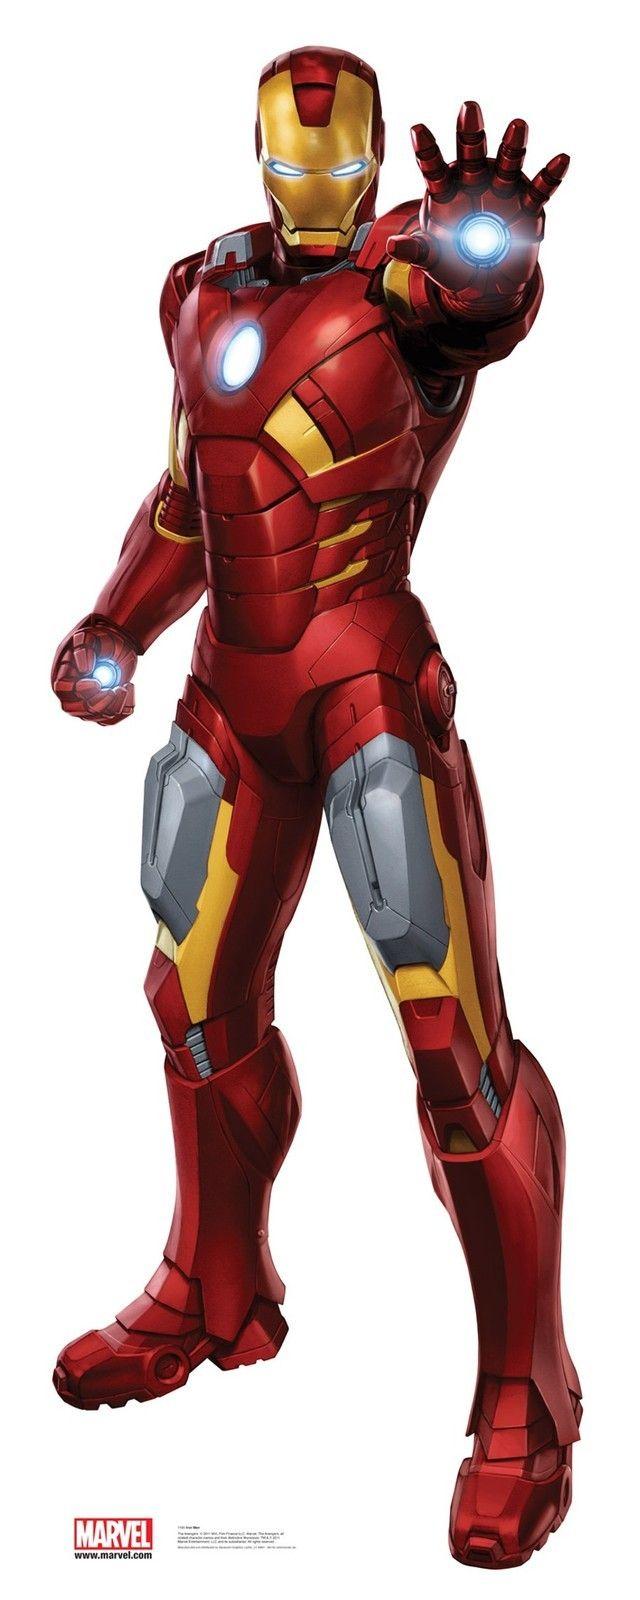 Los Vengadores: Iron Man / The Avengers: Iron Man                                                                                                                                                      Más